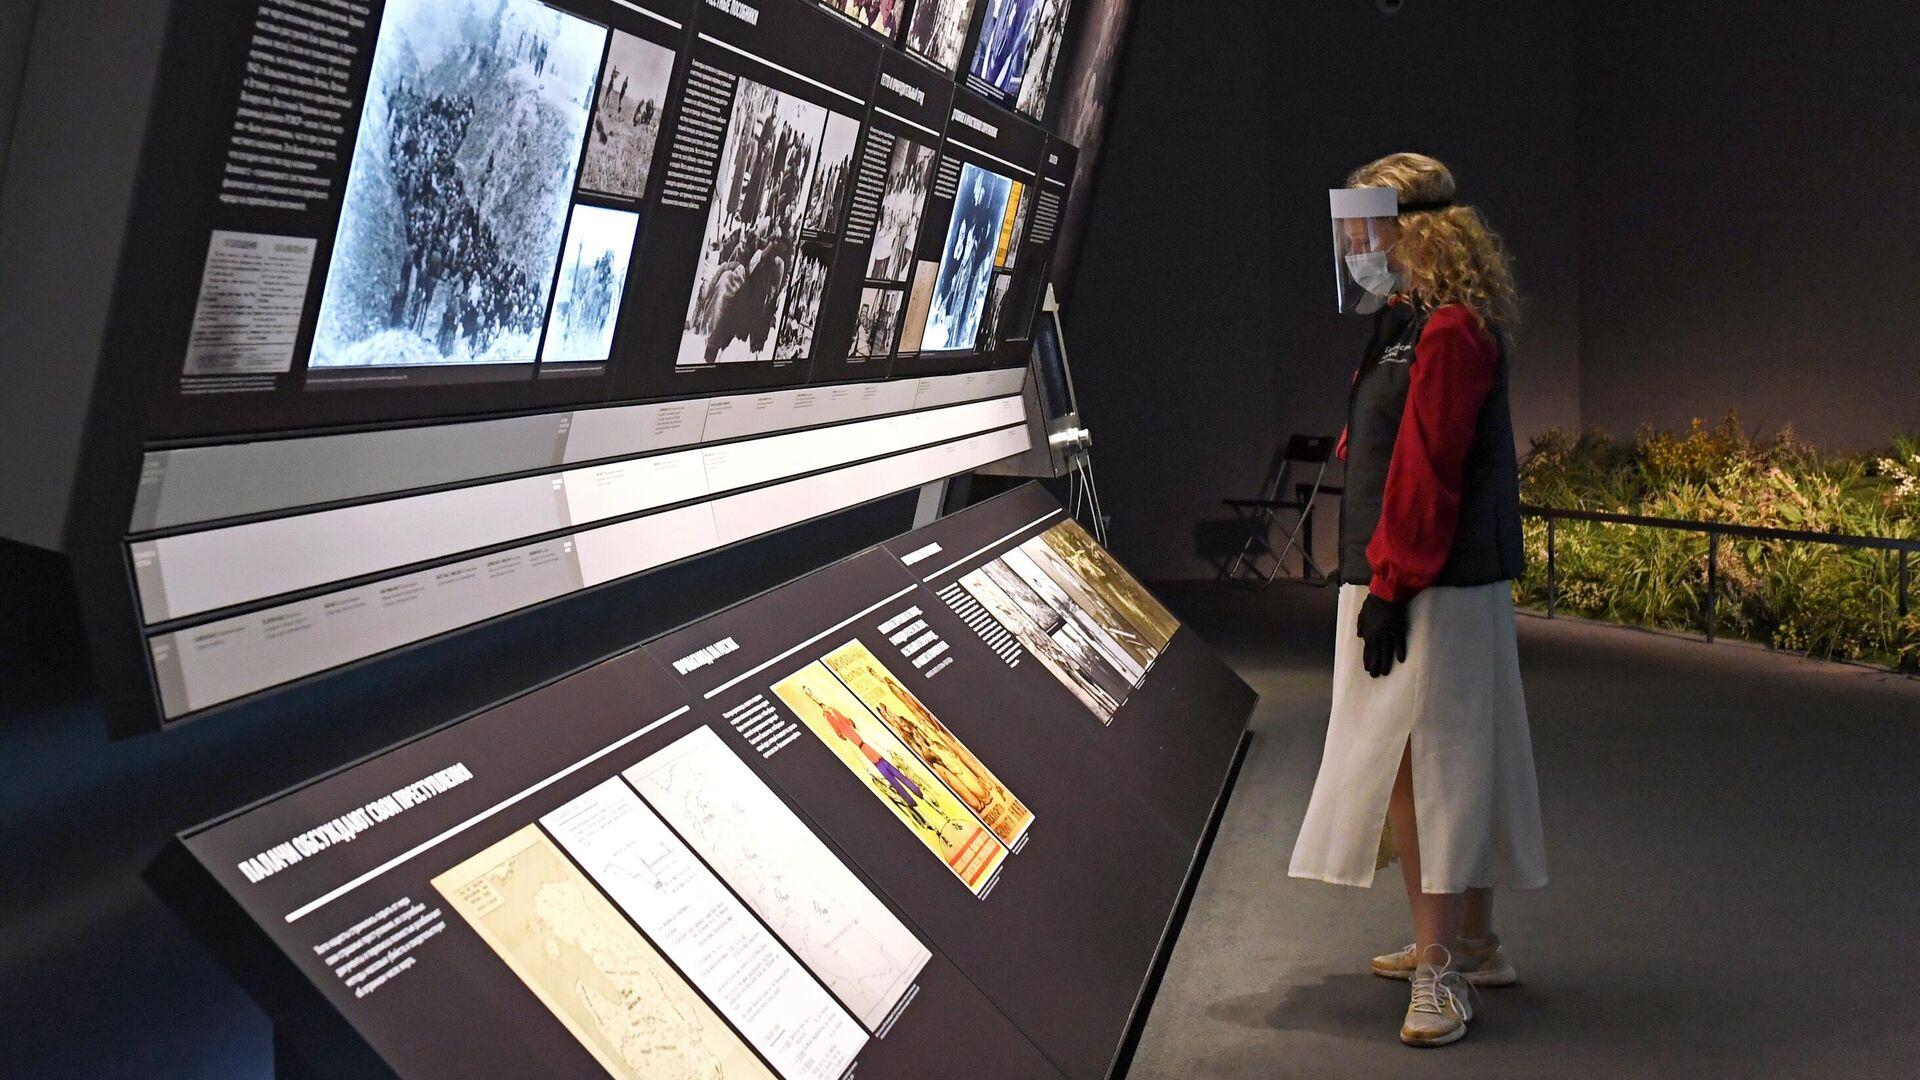 Сотрудница в зале основной экспозиции Еврейского музея и центра толерантности в Москве - РИА Новости, 1920, 18.11.2020